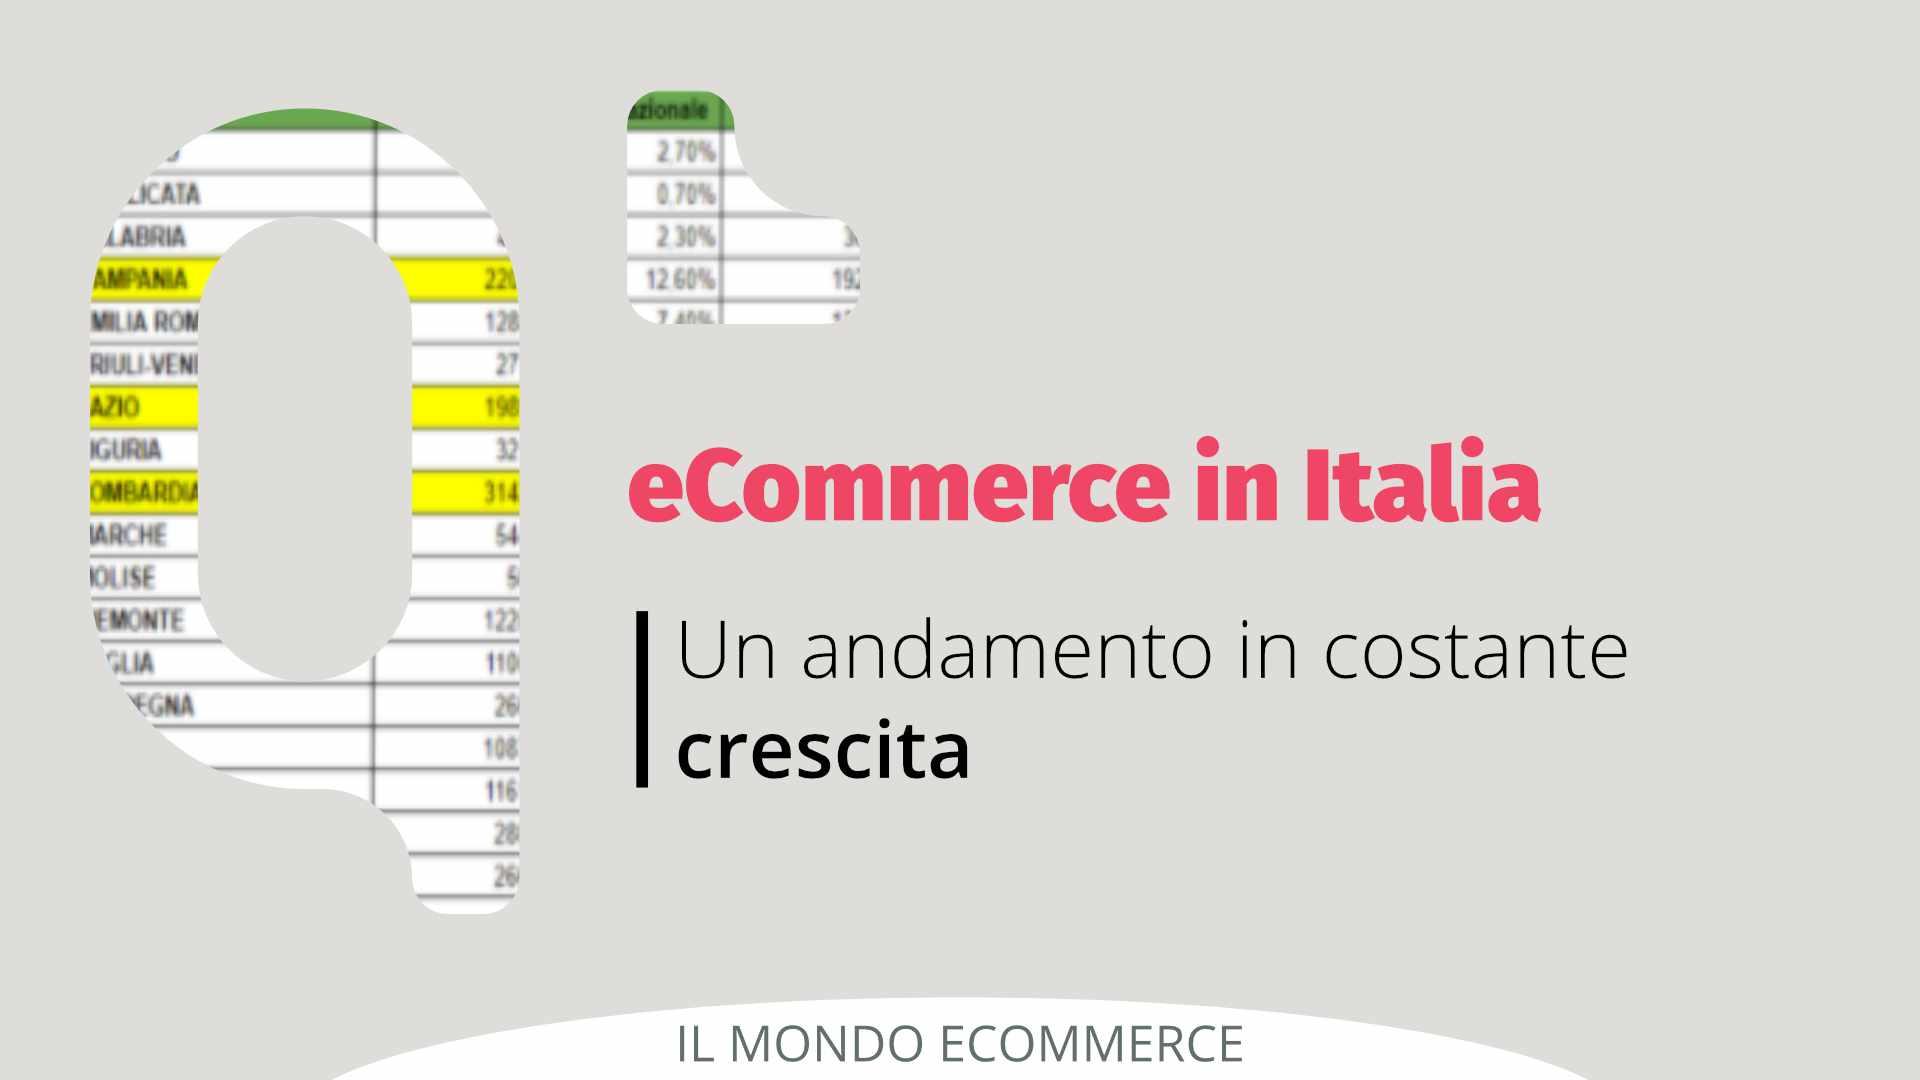 eCommerce in italia ancora in crescita